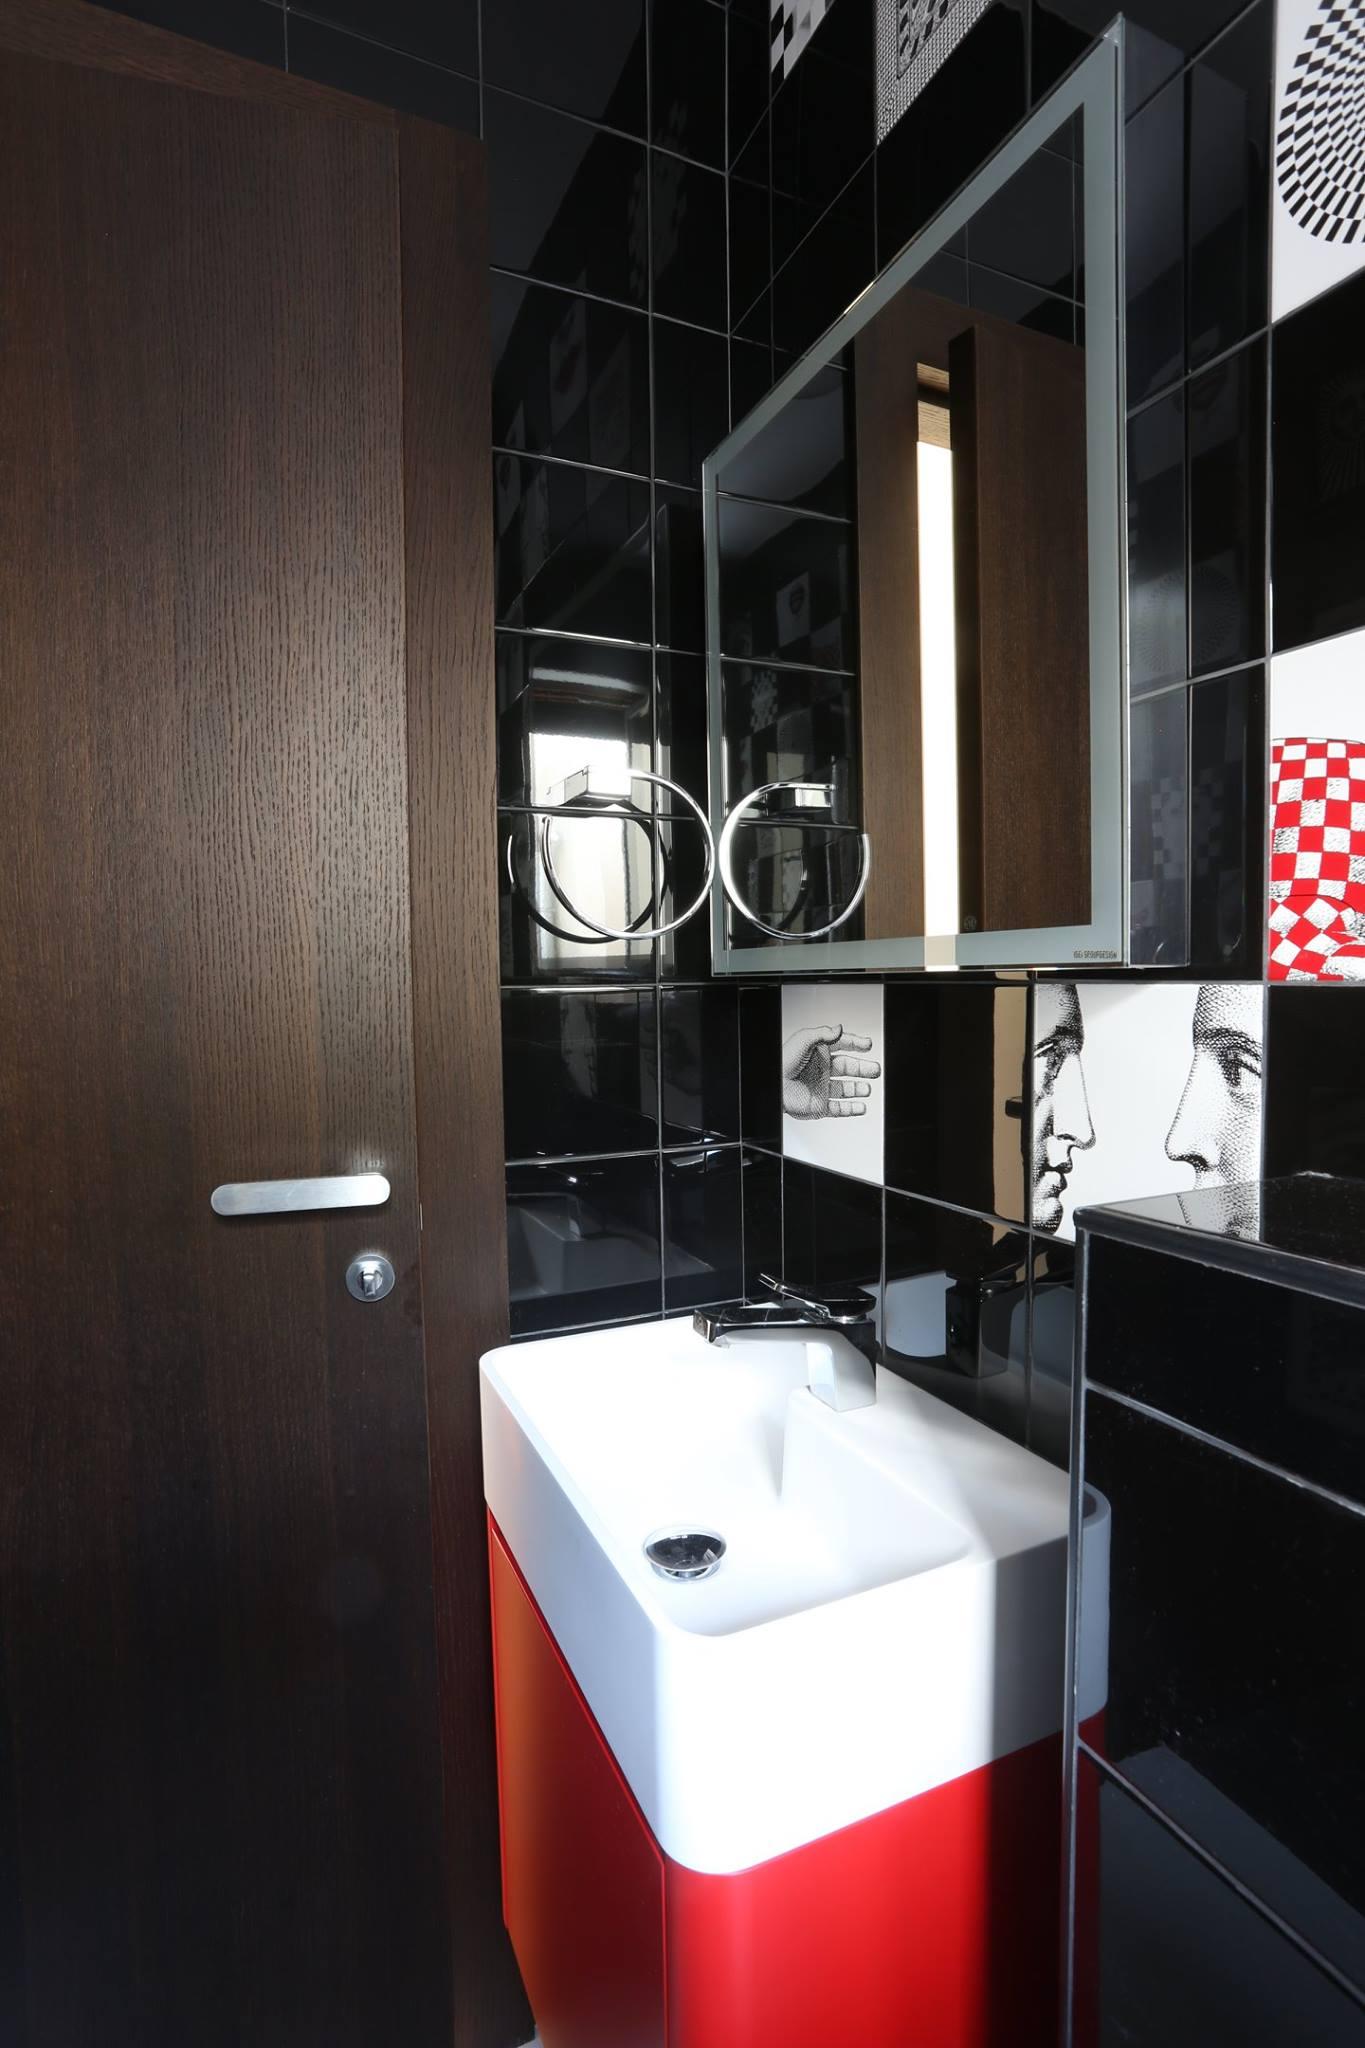 Arredo bagno rosso alba luxury apartments spalato for Arredo bagno alba